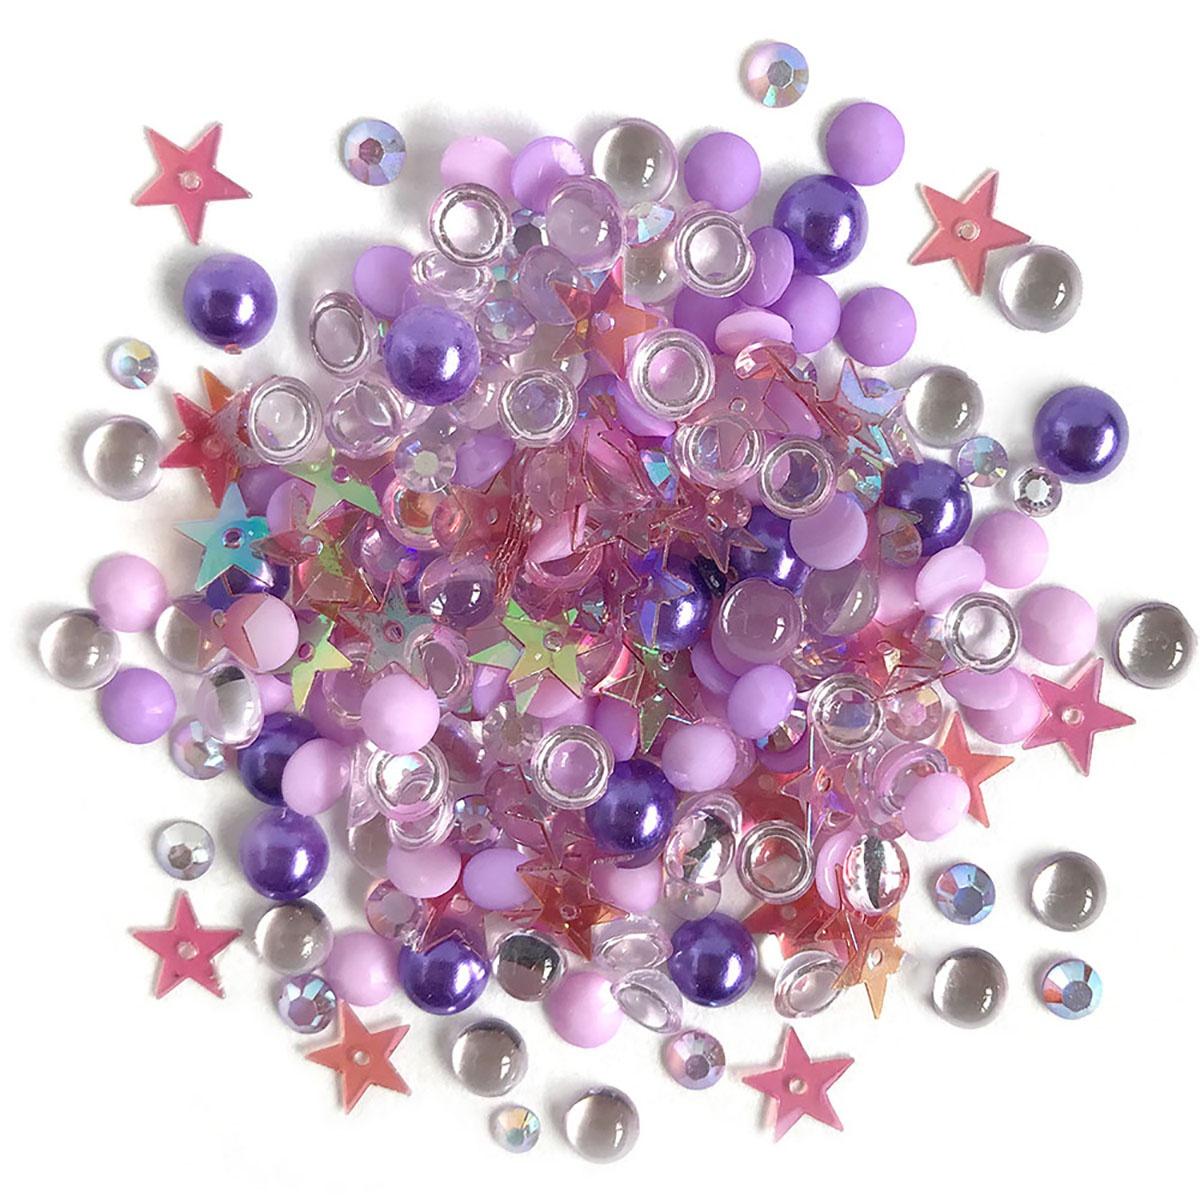 Sparkletz Embellishment Pack 10g-Jelly Fish